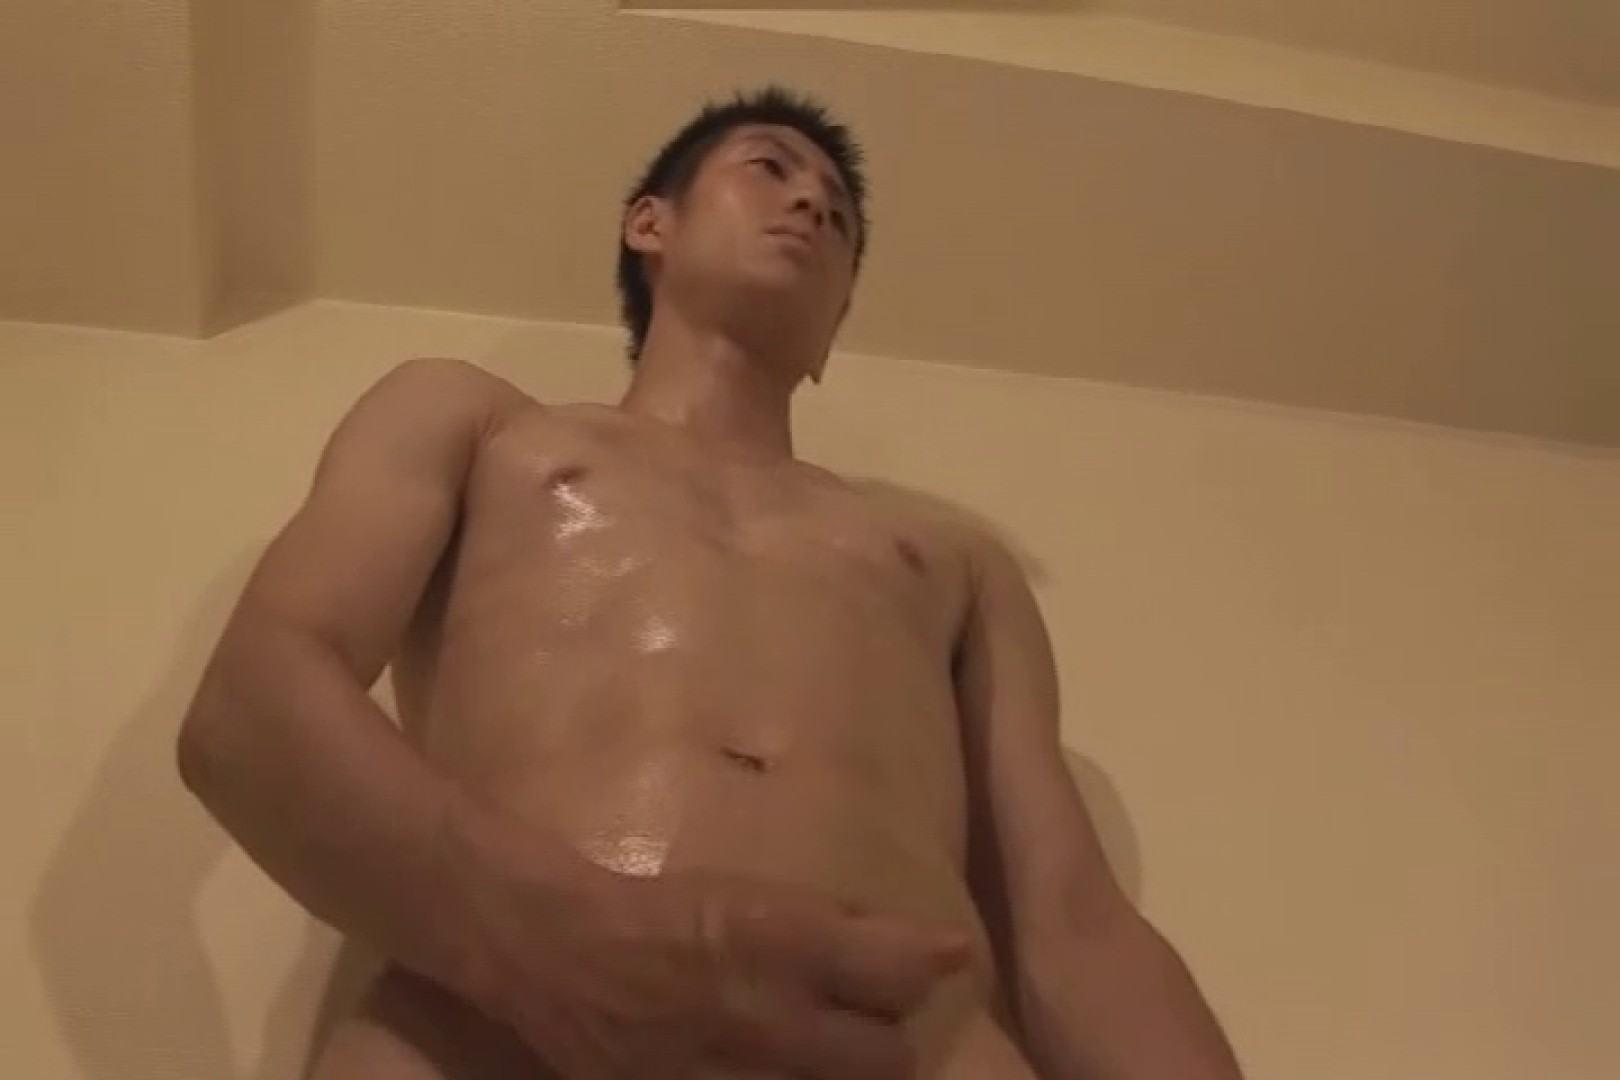 暴れん棒!!雄穴を狙え!! vol.04 竿 ゲイヌード画像 87pic 84